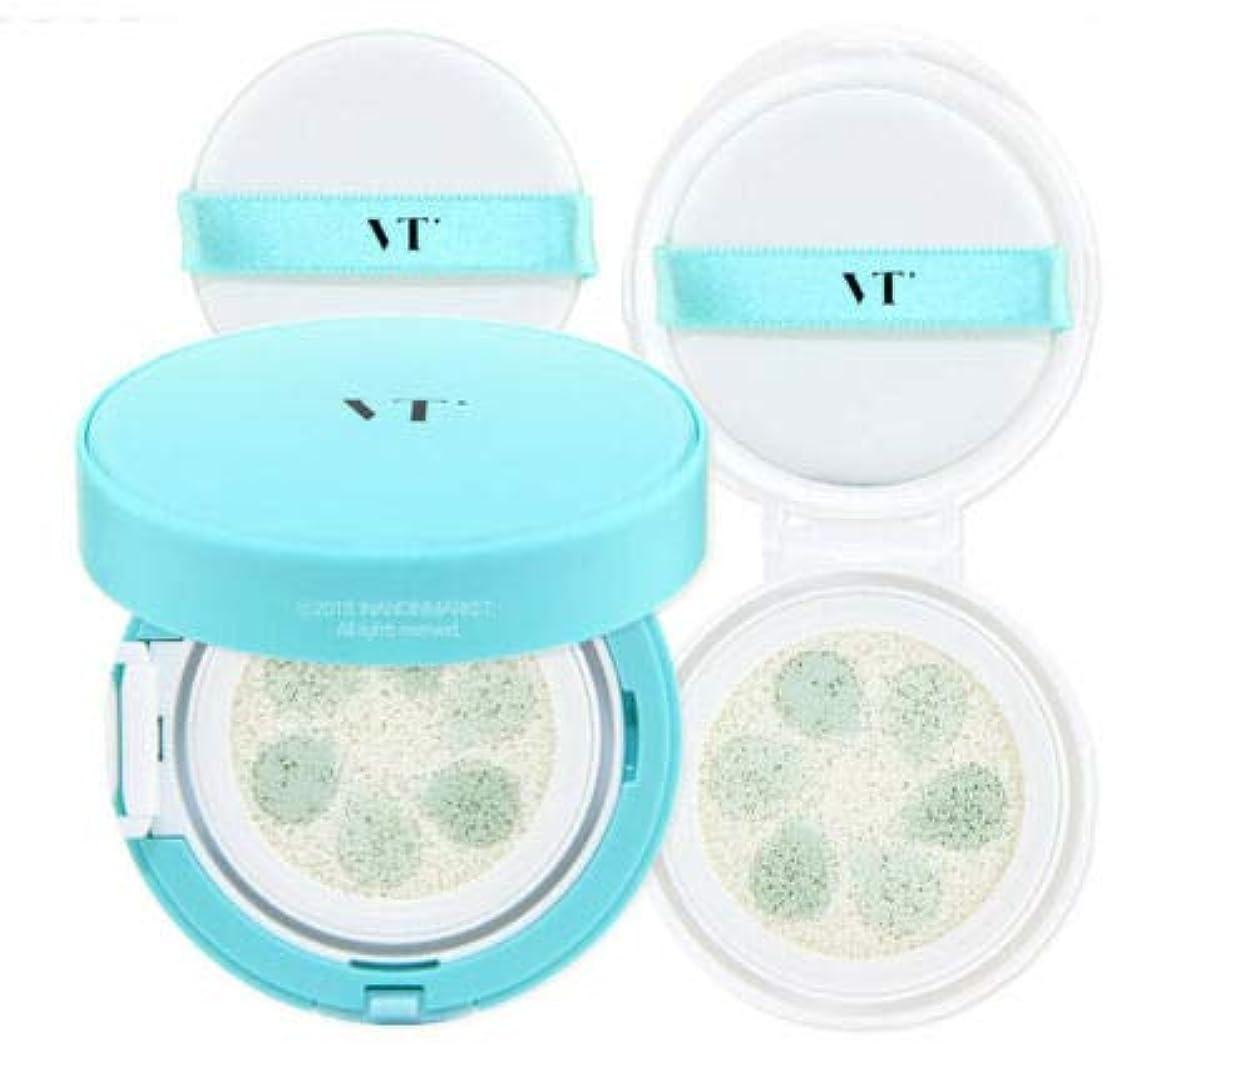 フィード行う加入VT Cosmetic Phyto Sun Cushion サンクッション 本品11g + リフィール11g, SPF50+/PA++++